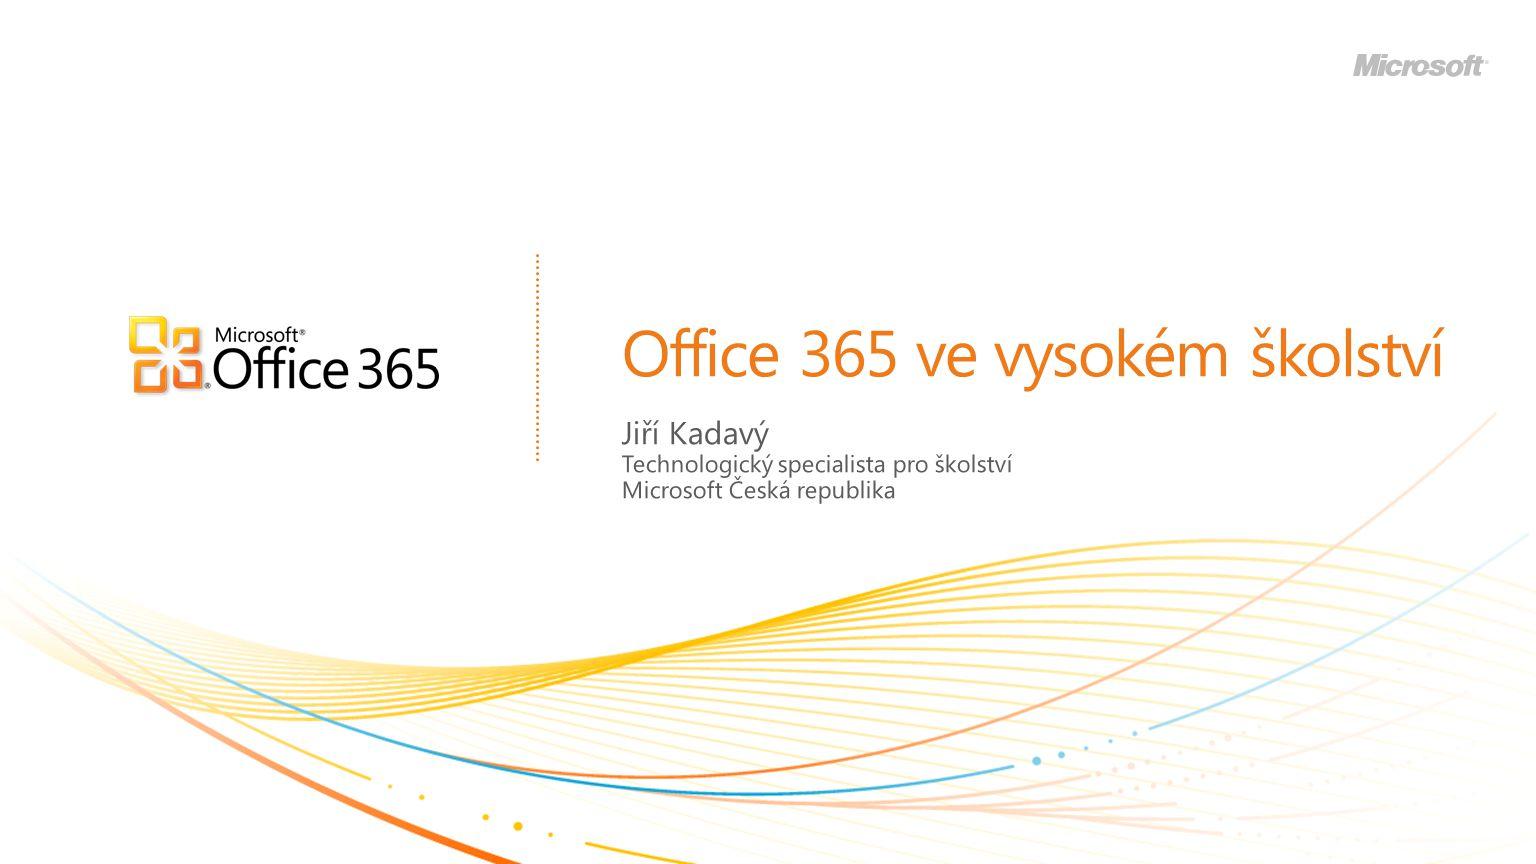 Office 365 ve vysokém školství Jiří Kadavý Technologický specialista pro školství Microsoft Česká republika